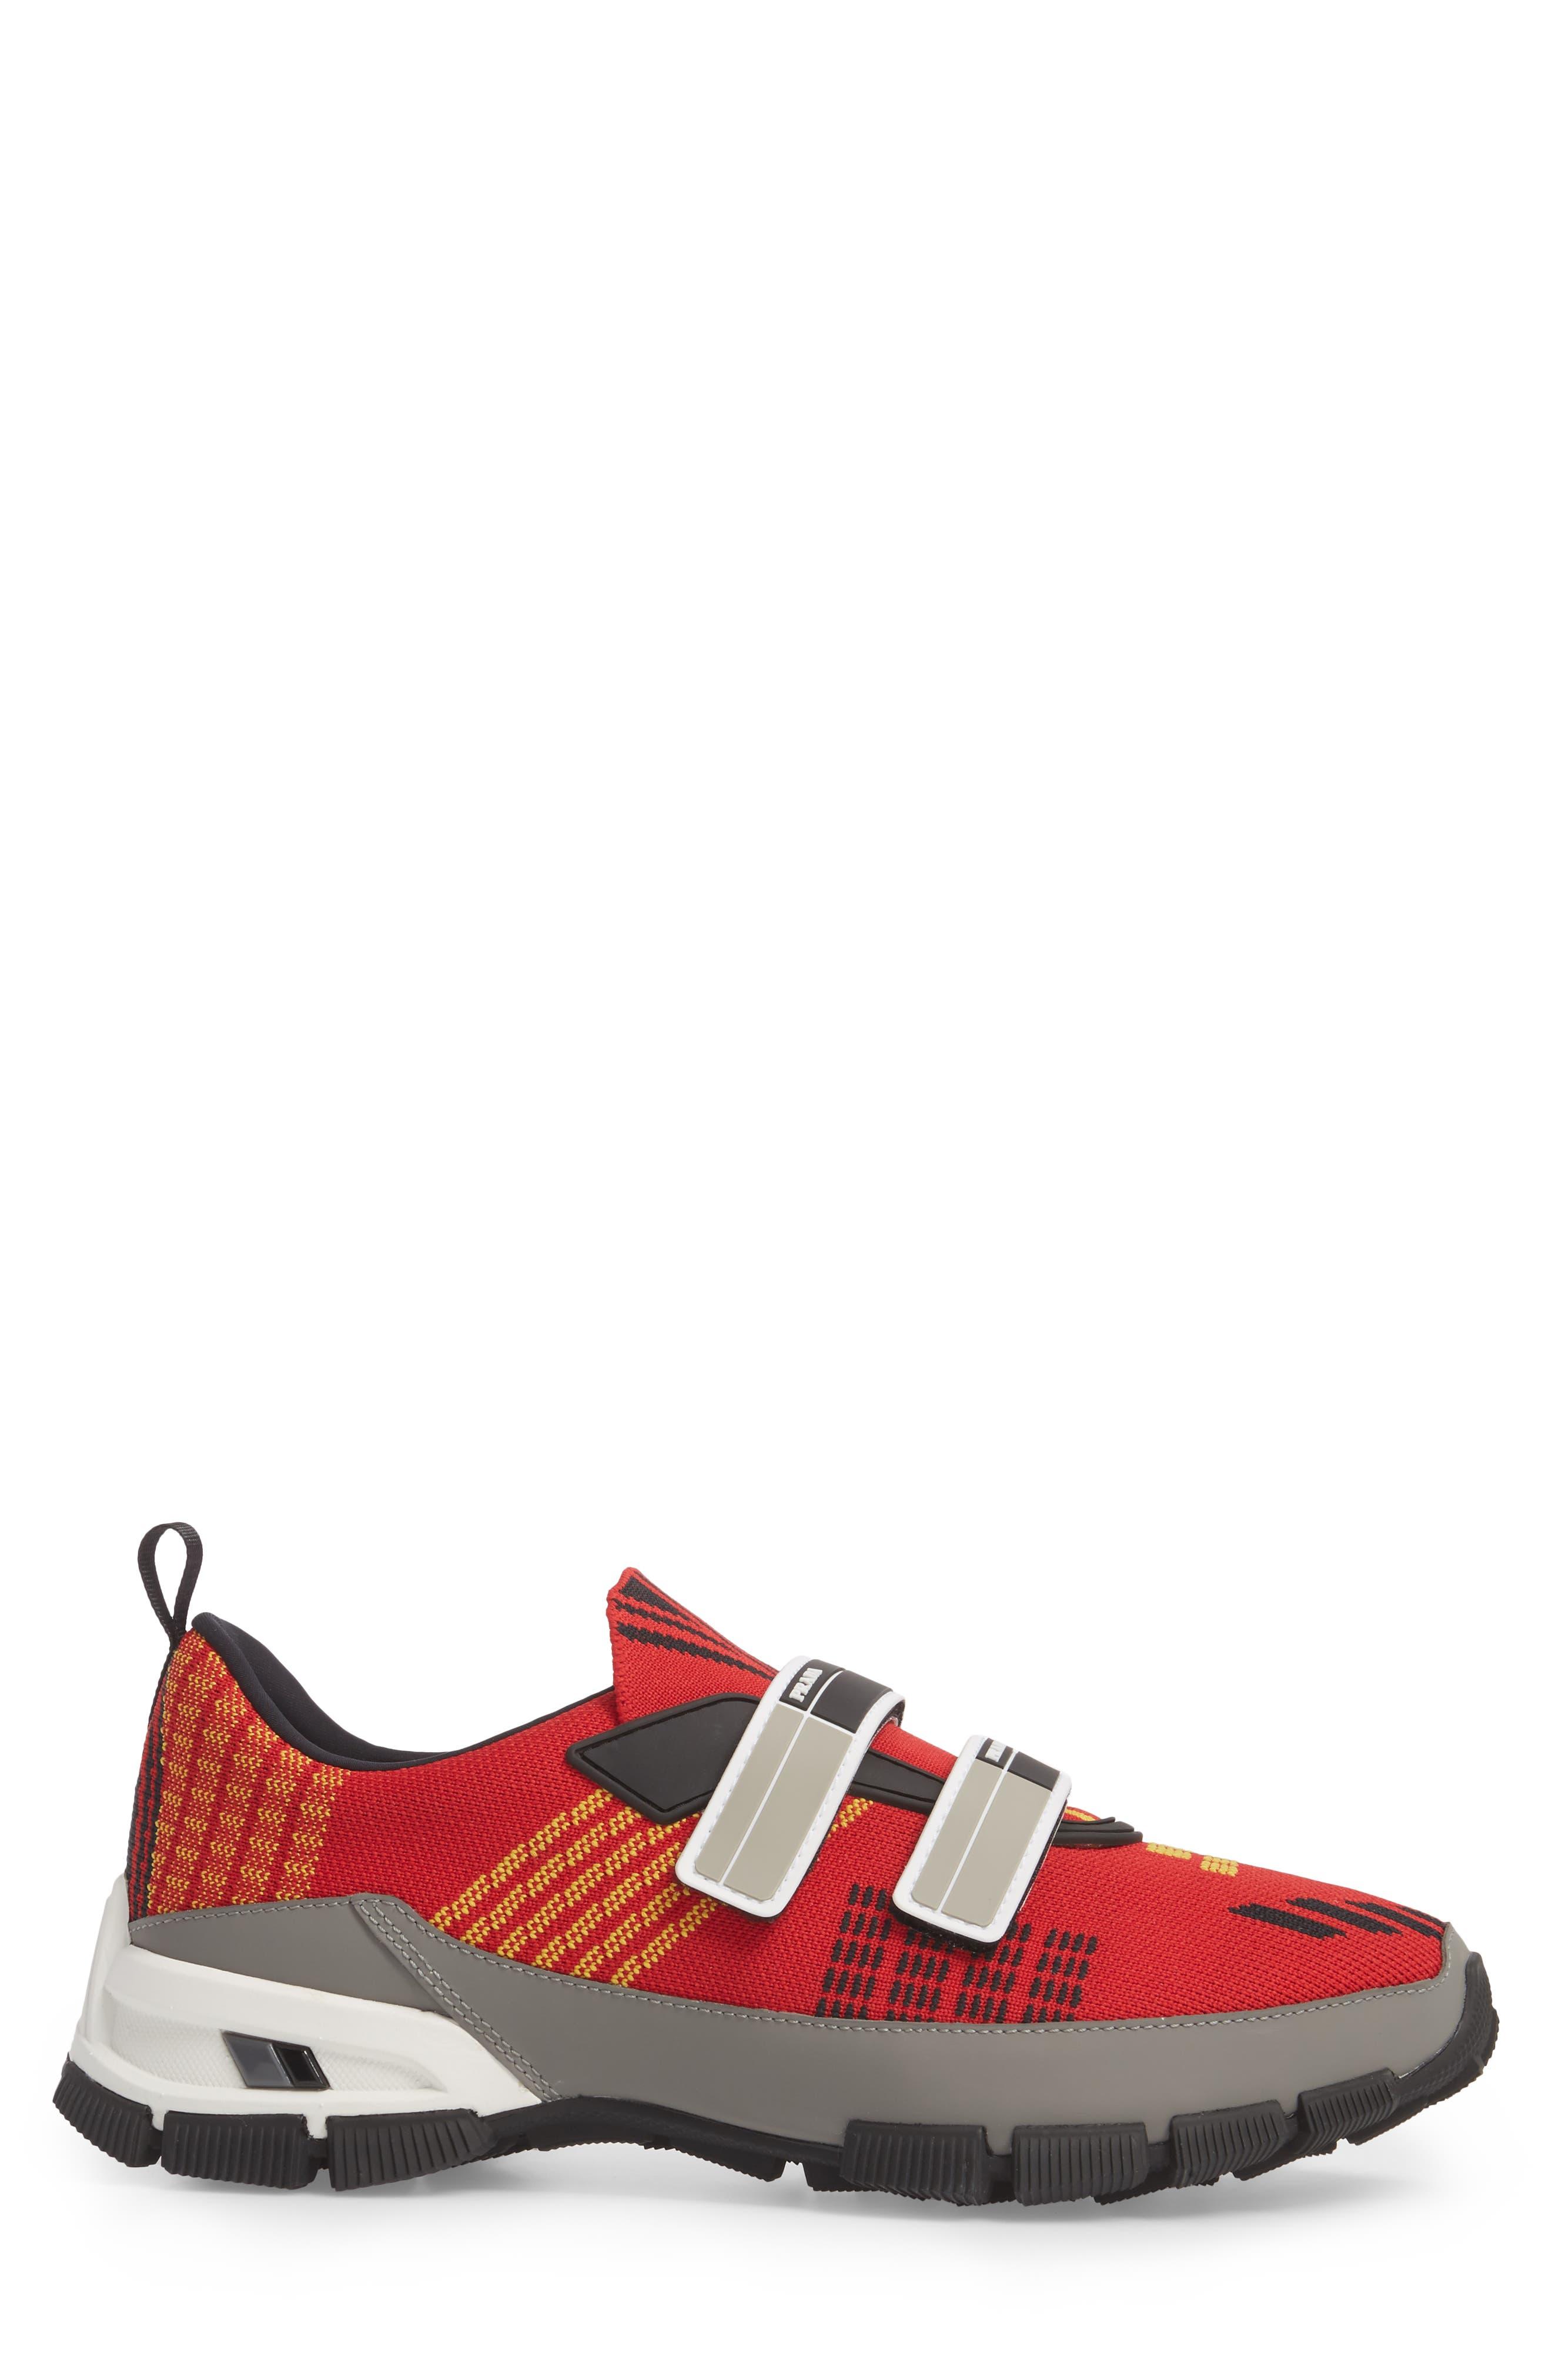 Linea Rossa Strap Sneaker,                             Alternate thumbnail 3, color,                             Scarlatto Red